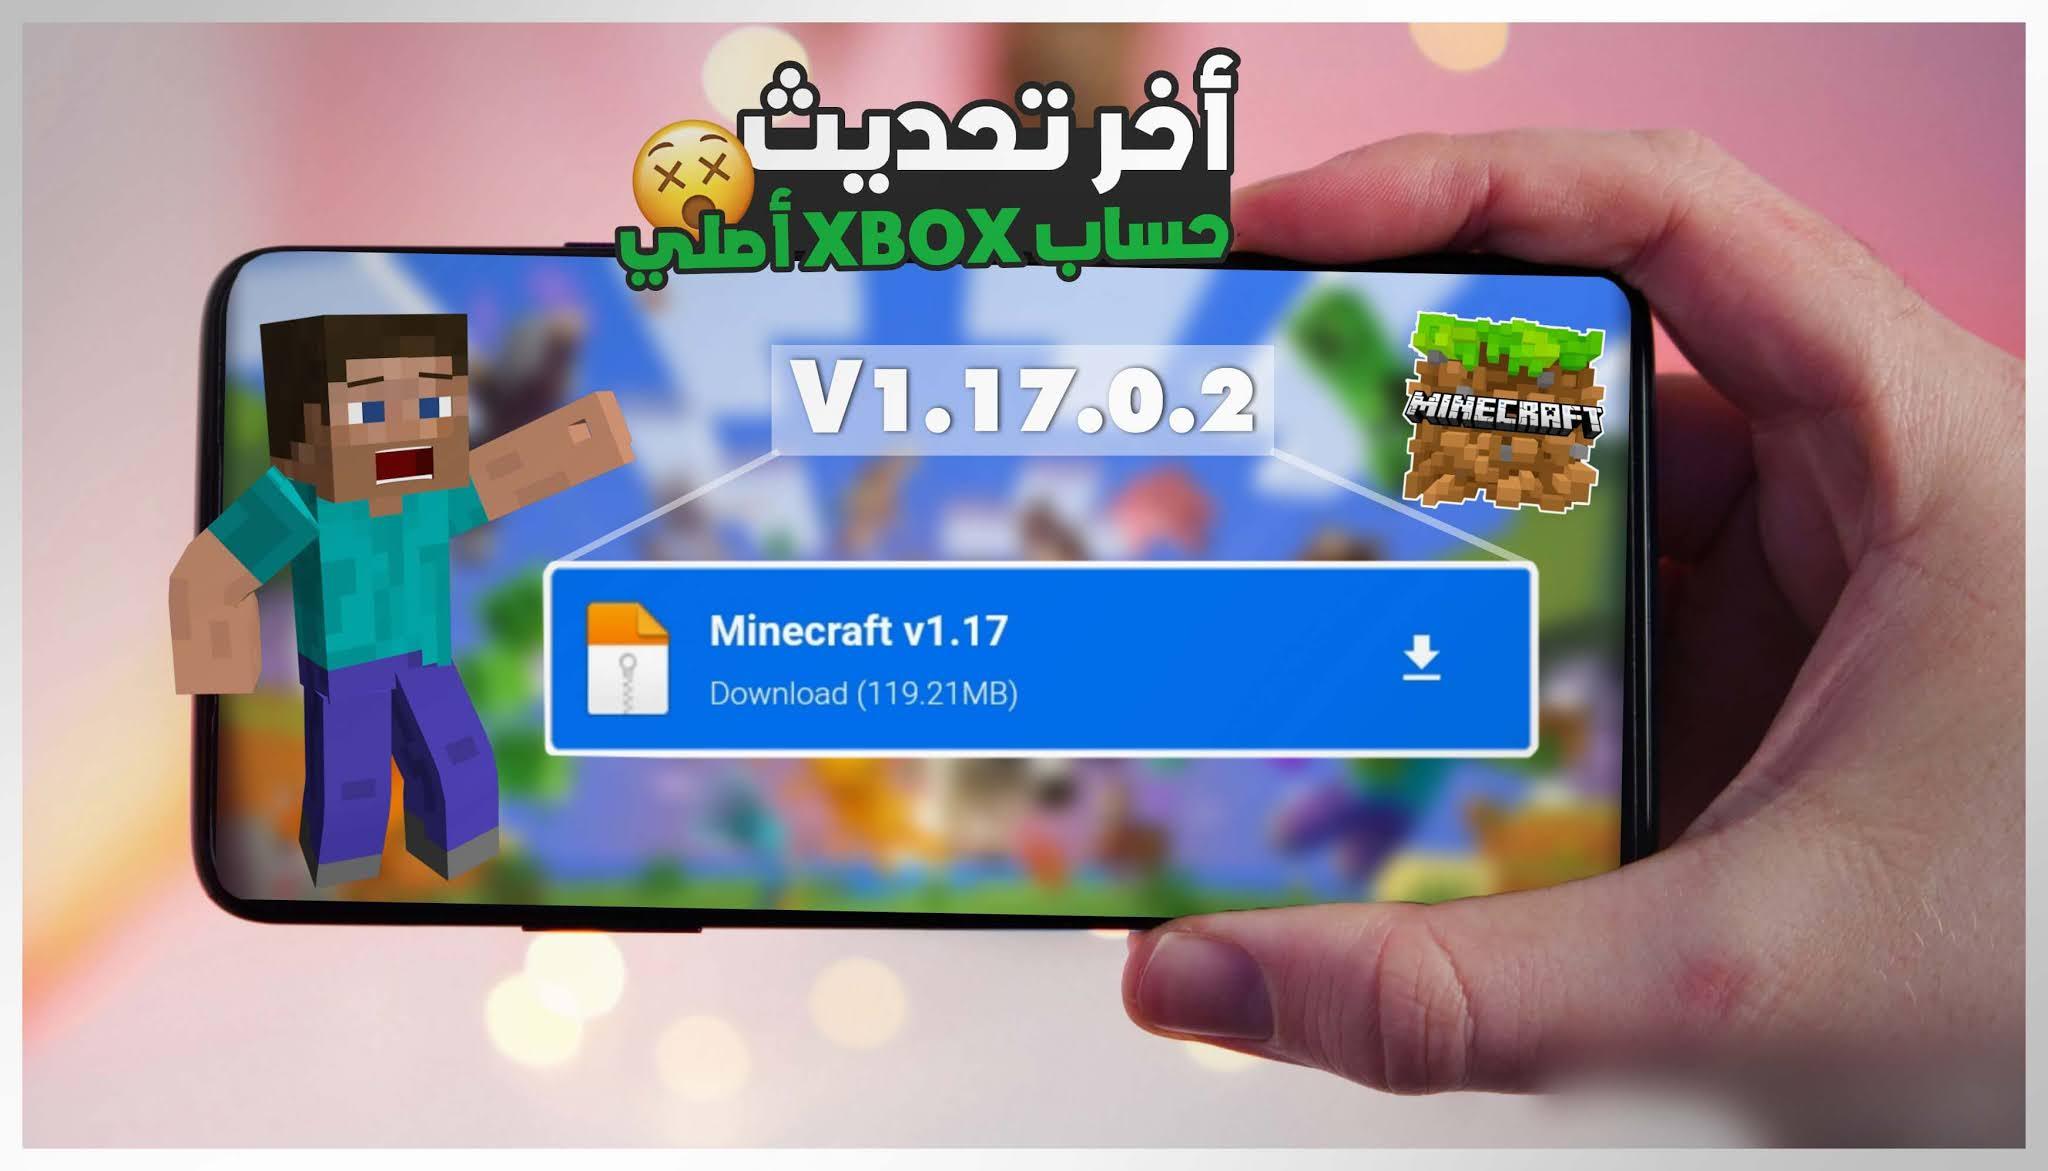 تحميل لعبة ماين كرافت 1.17 للجوال من ميديا فاير برابط مباشر + عمل حساب اكس بوكس | minecraft 1.17 apk